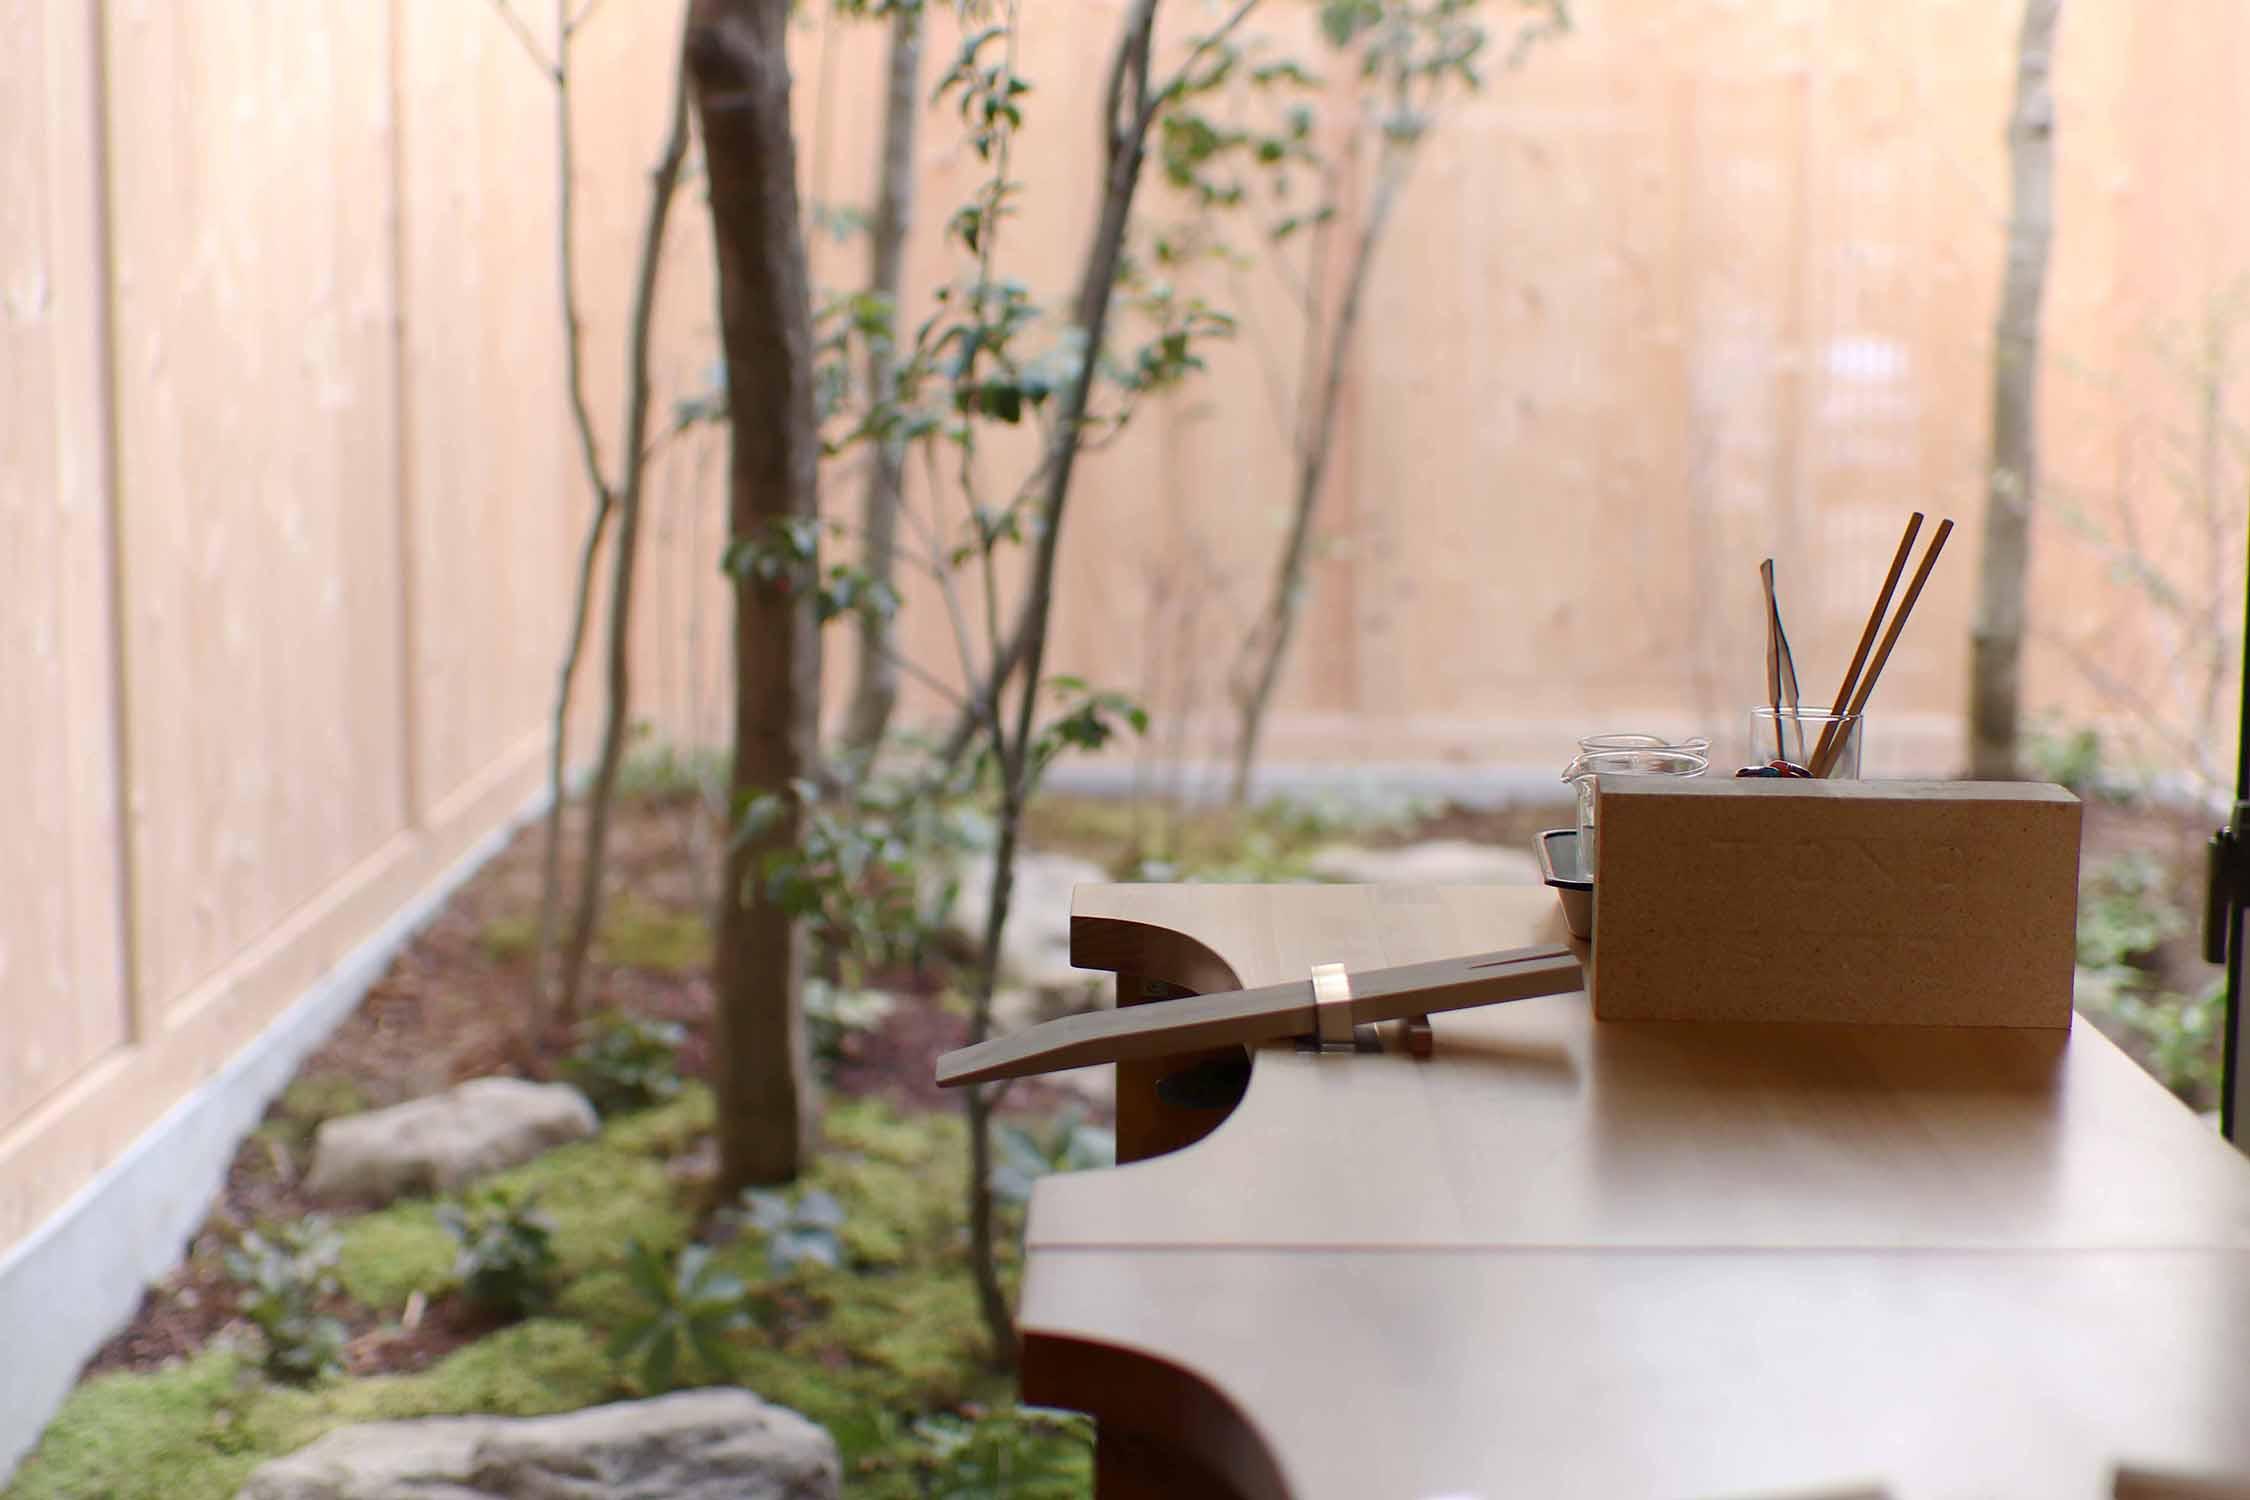 京都市役所のすぐそばにあるついぶ京都工房